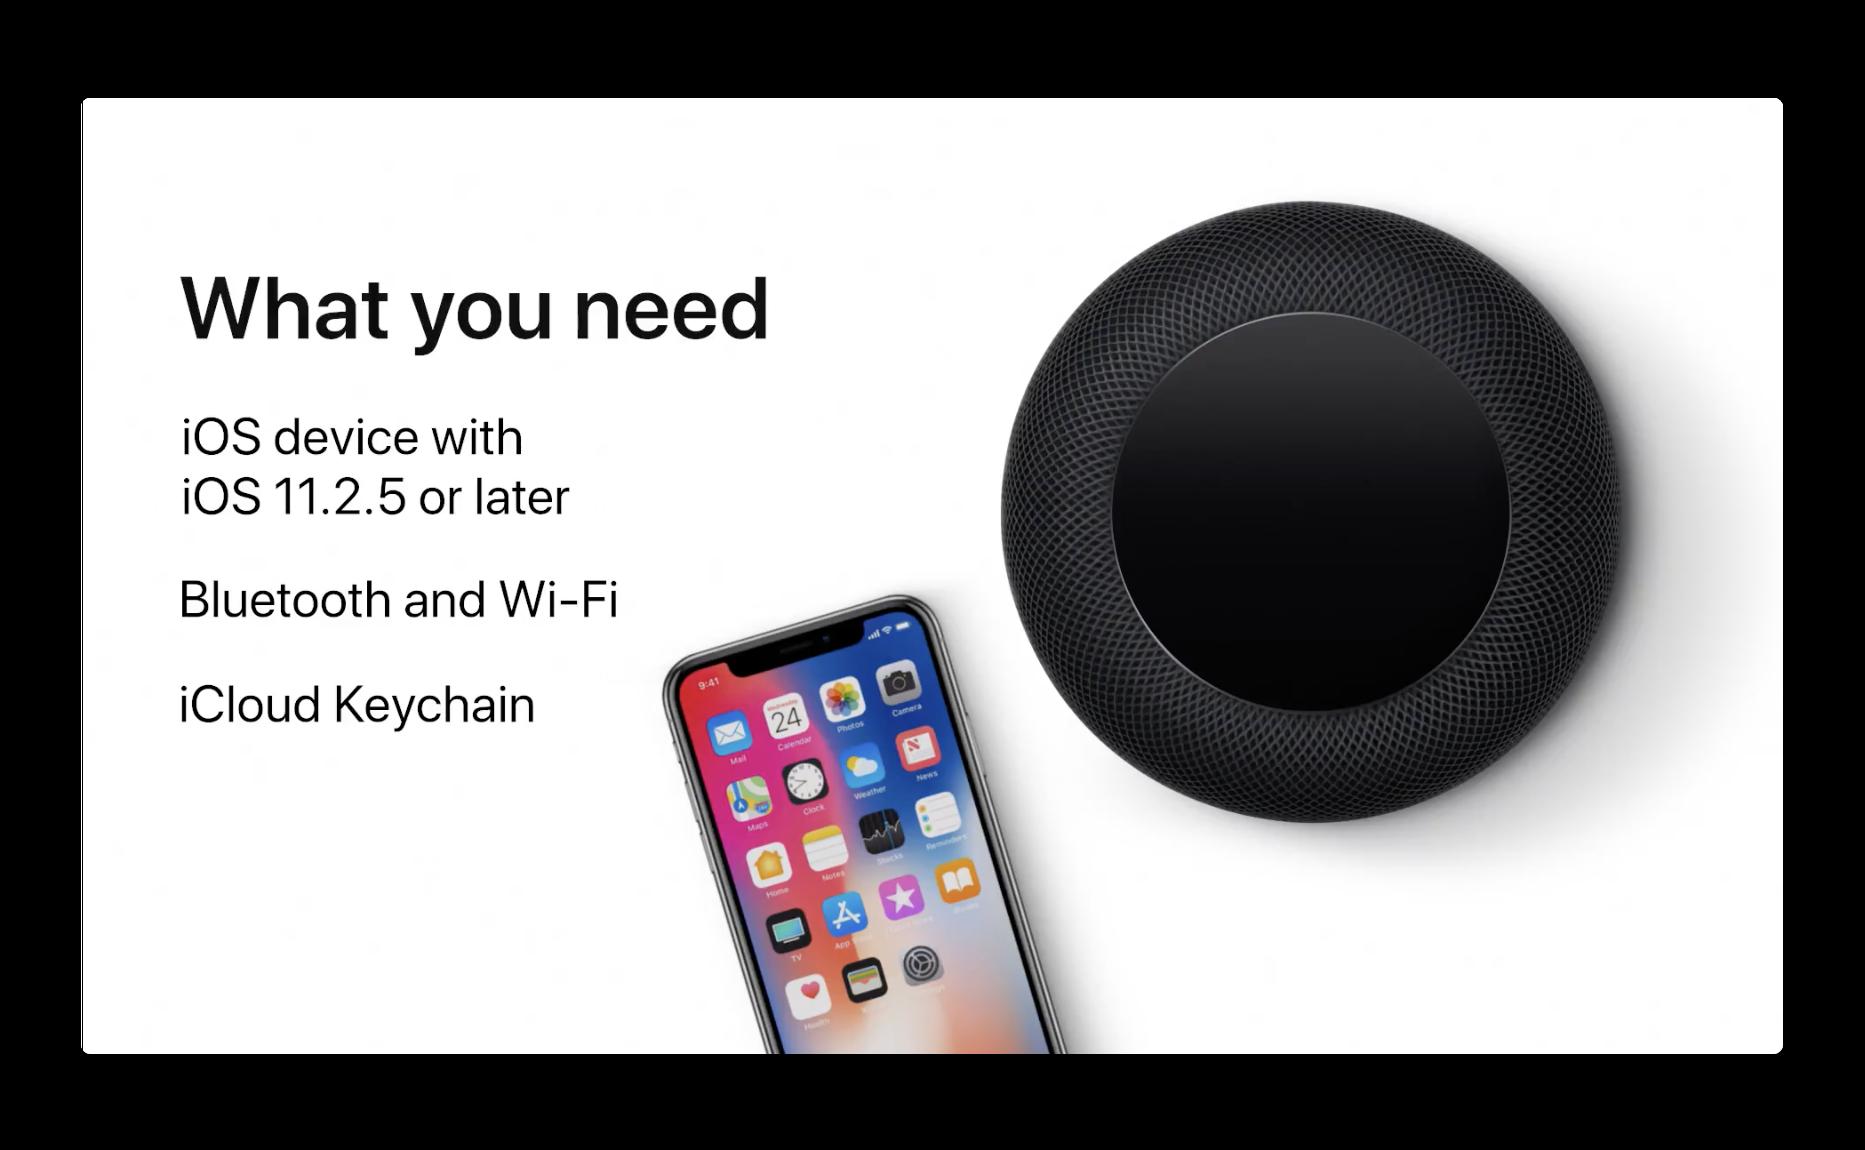 Apple Support、「How to set up HomePod」と題するサポートビデオを公開